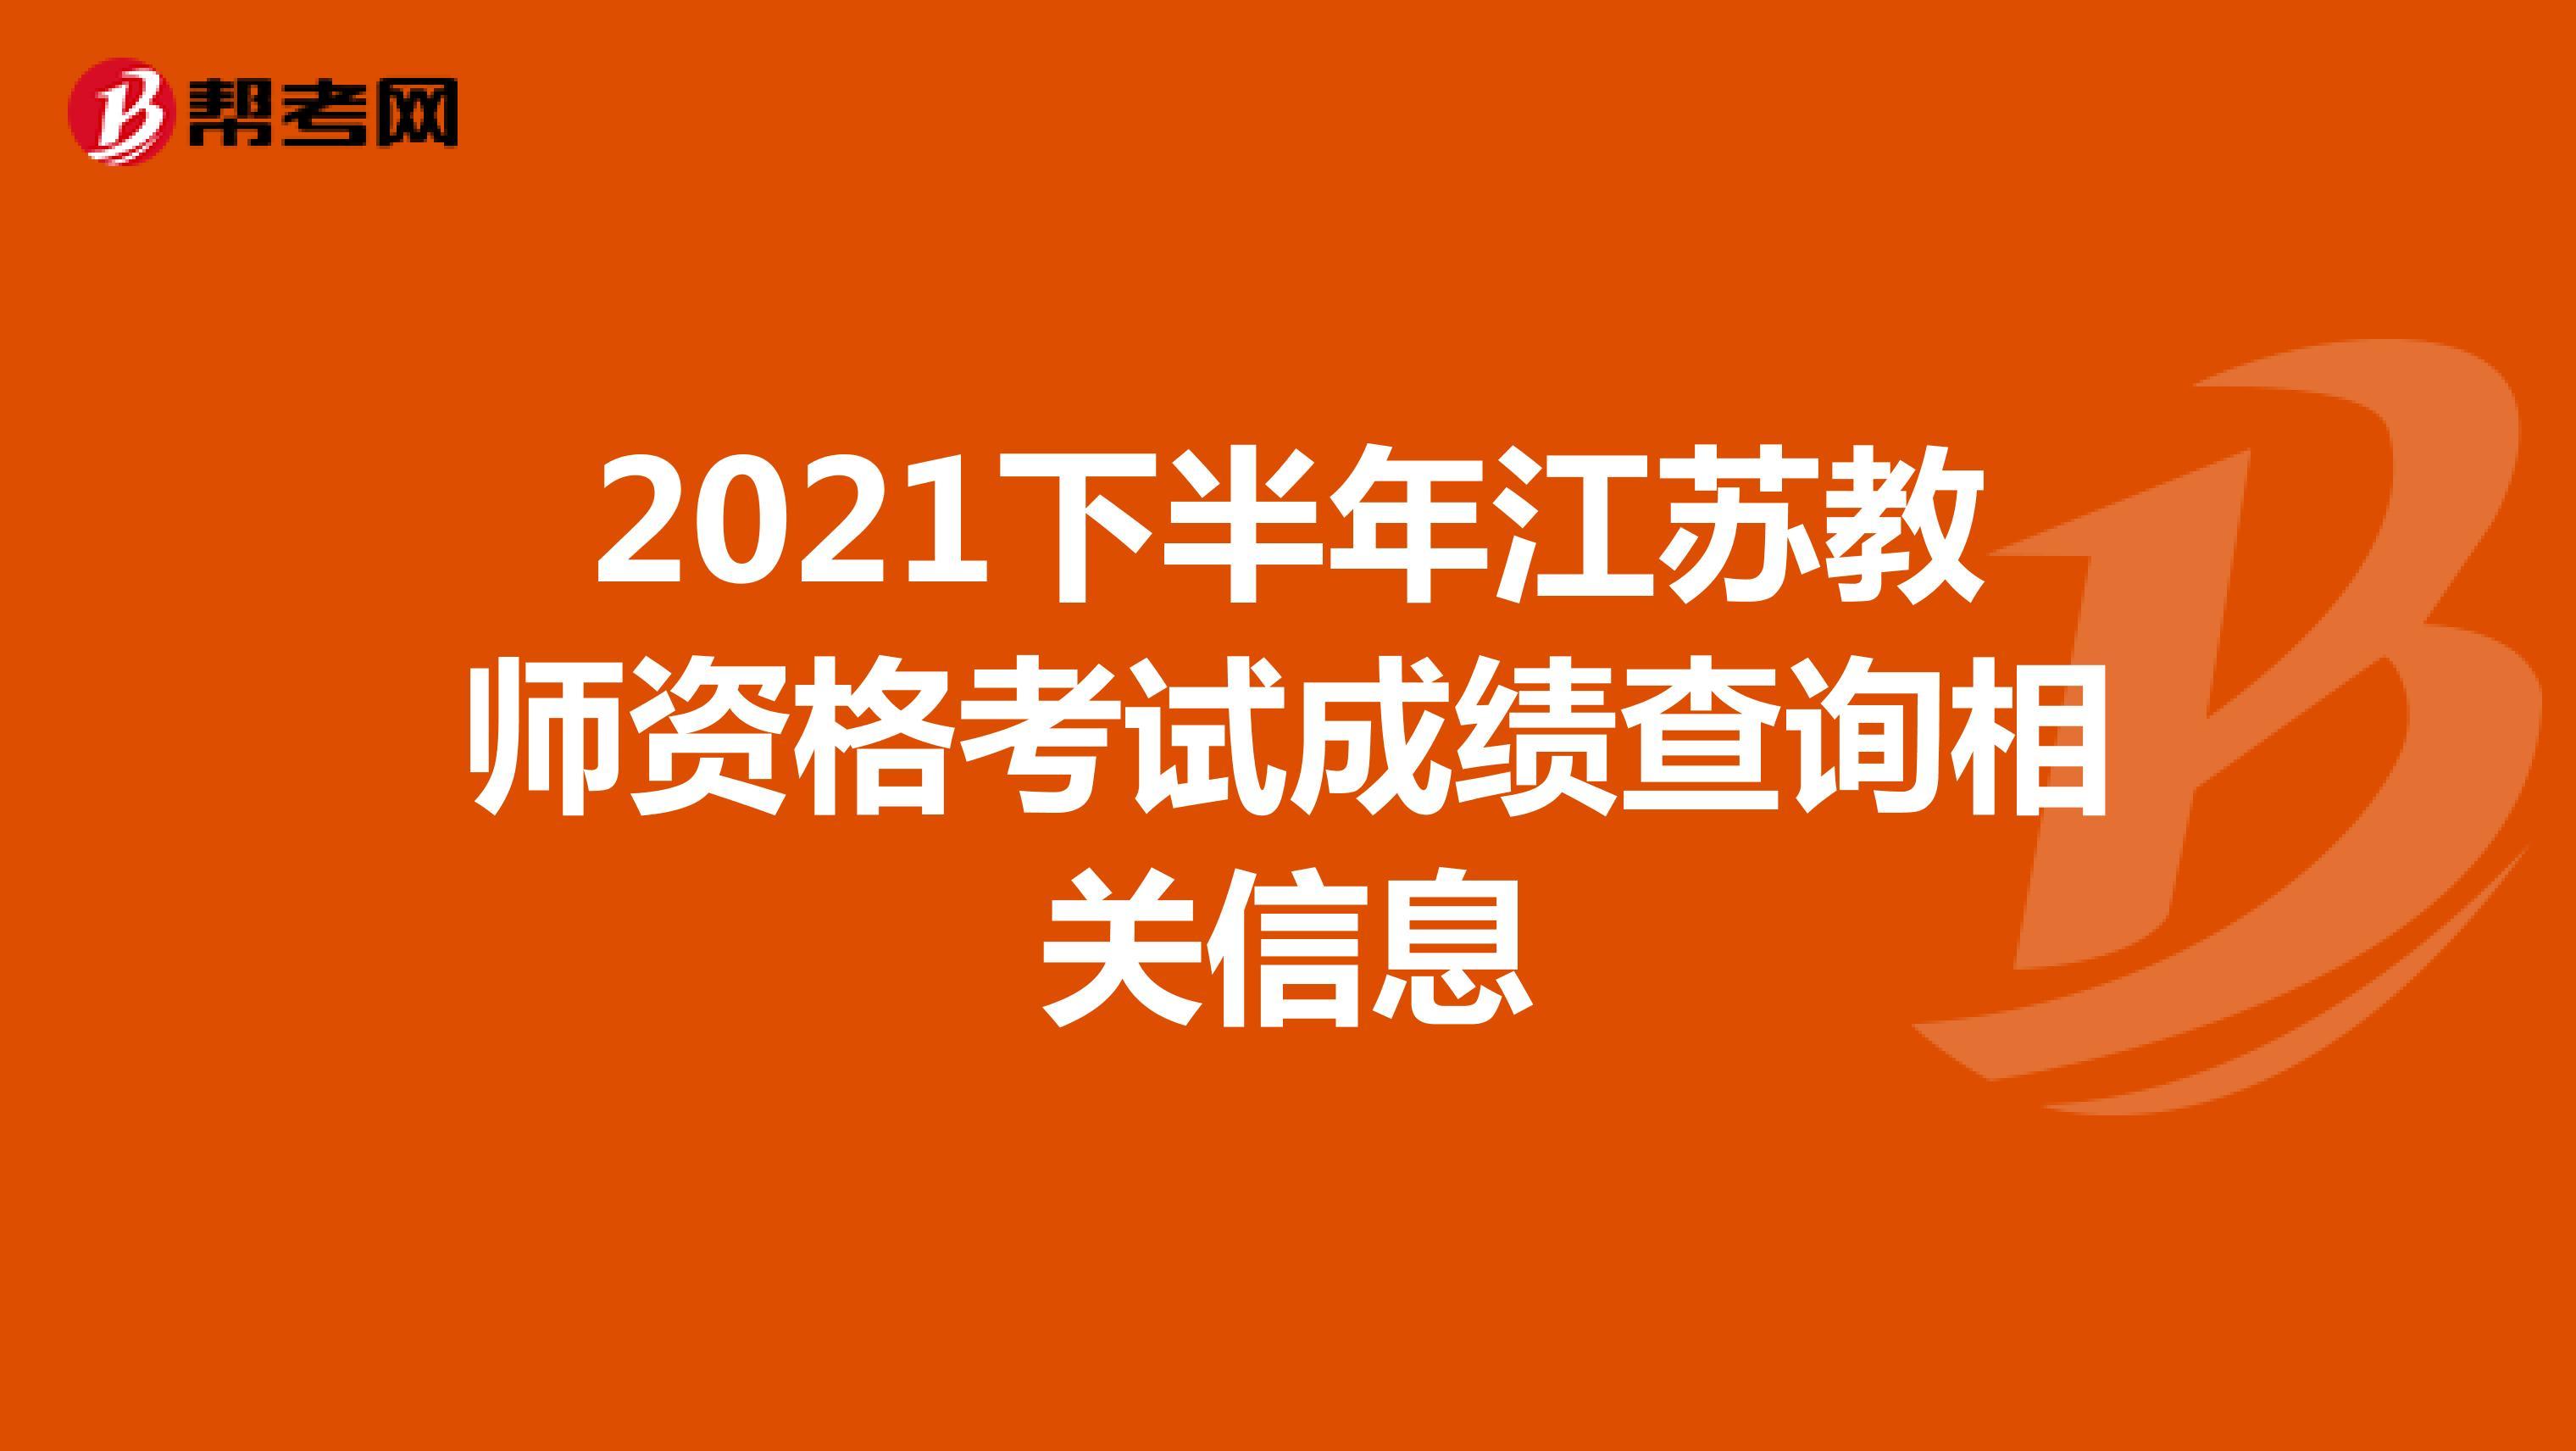 2021下半年江苏教师资格考试成绩查询相关信息